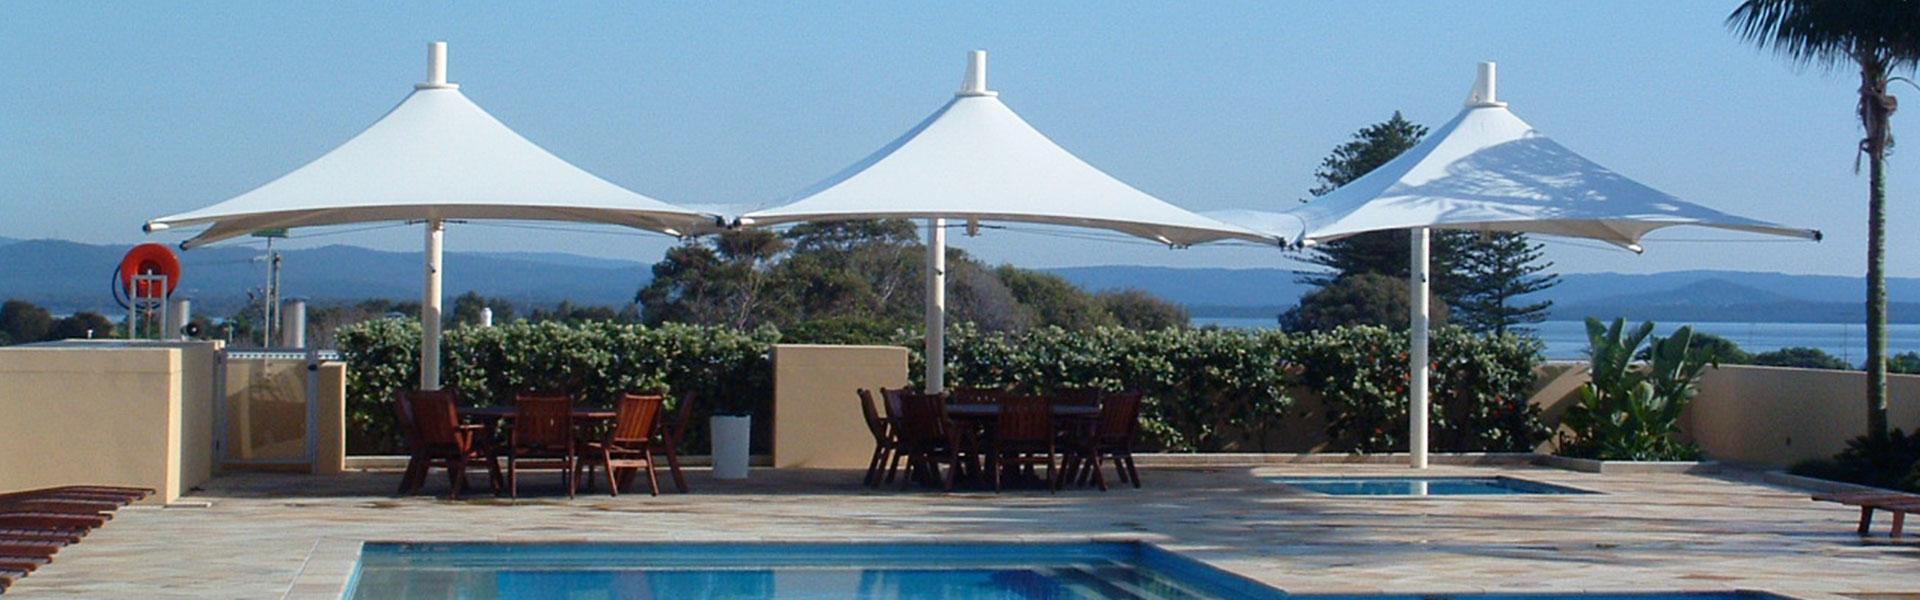 景观膜结构伞